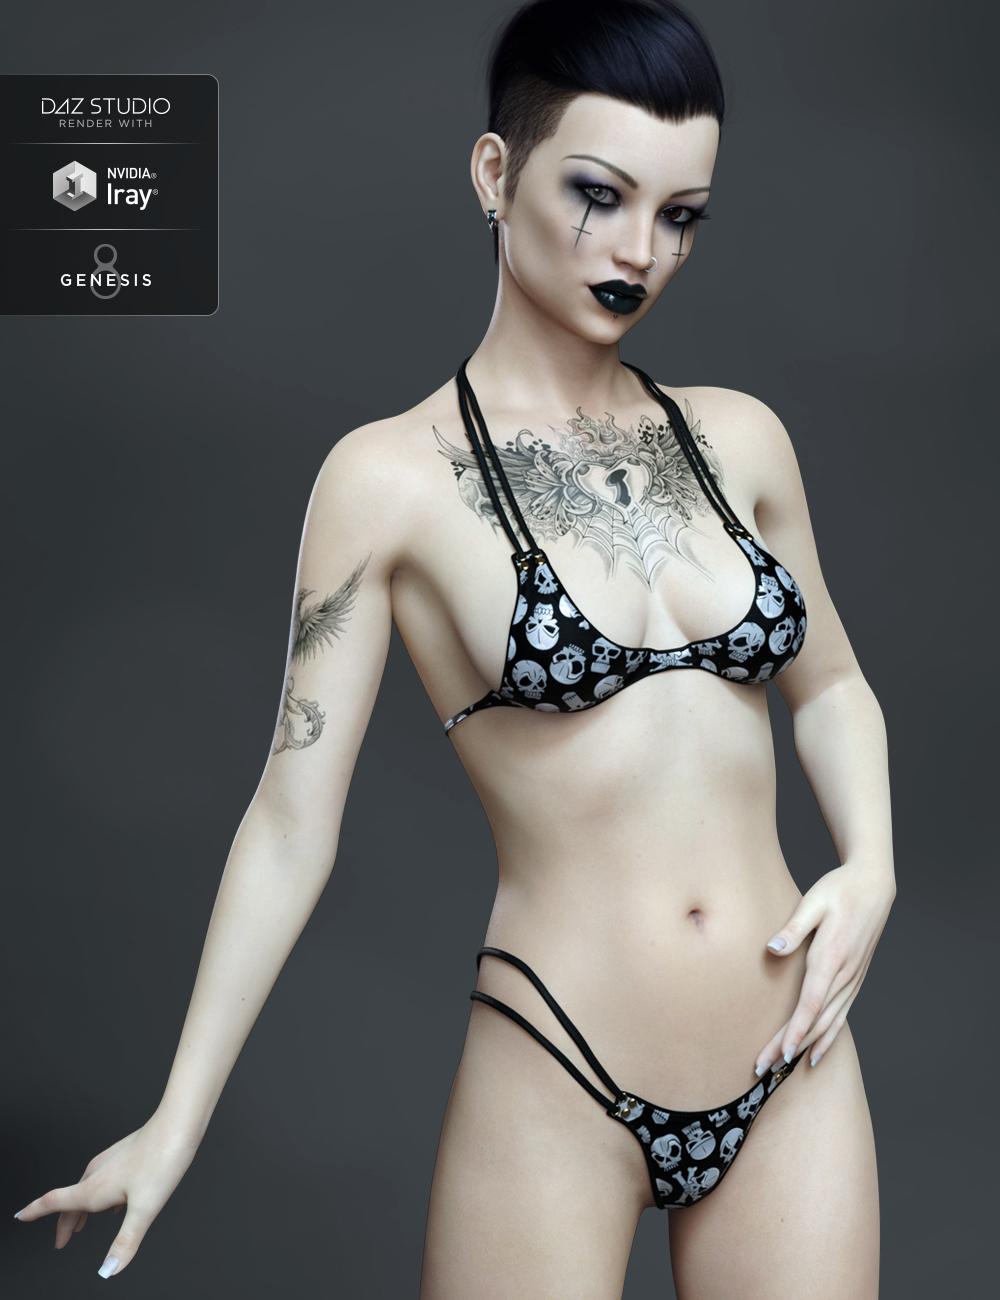 FWSA Lavana HD for Stephanie 8 by: Fred Winkler ArtSabby, 3D Models by Daz 3D